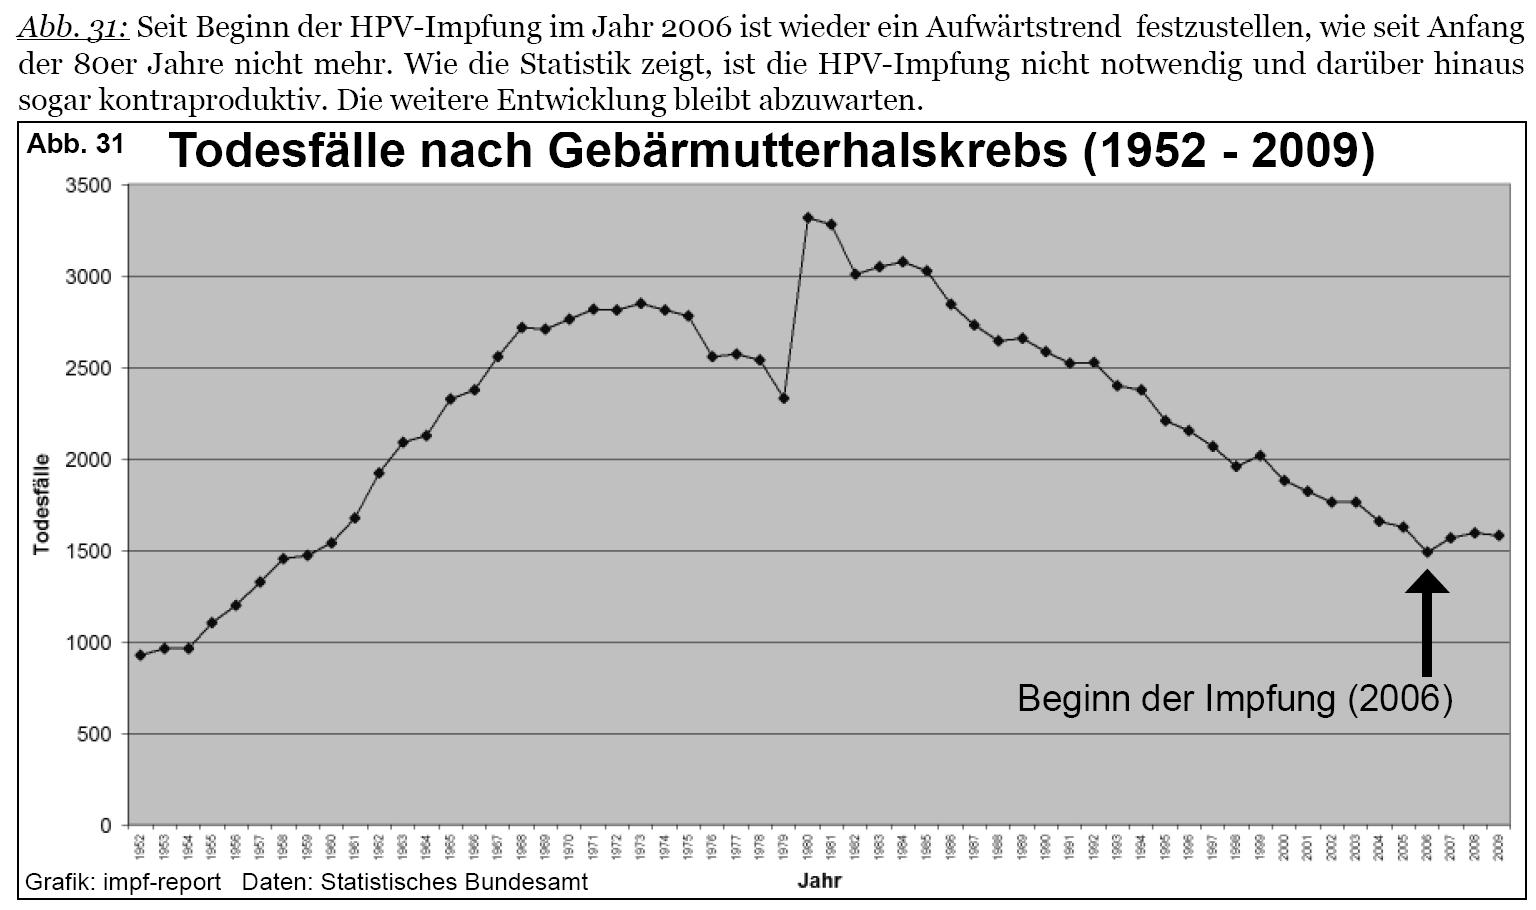 hpv impfung nachteile